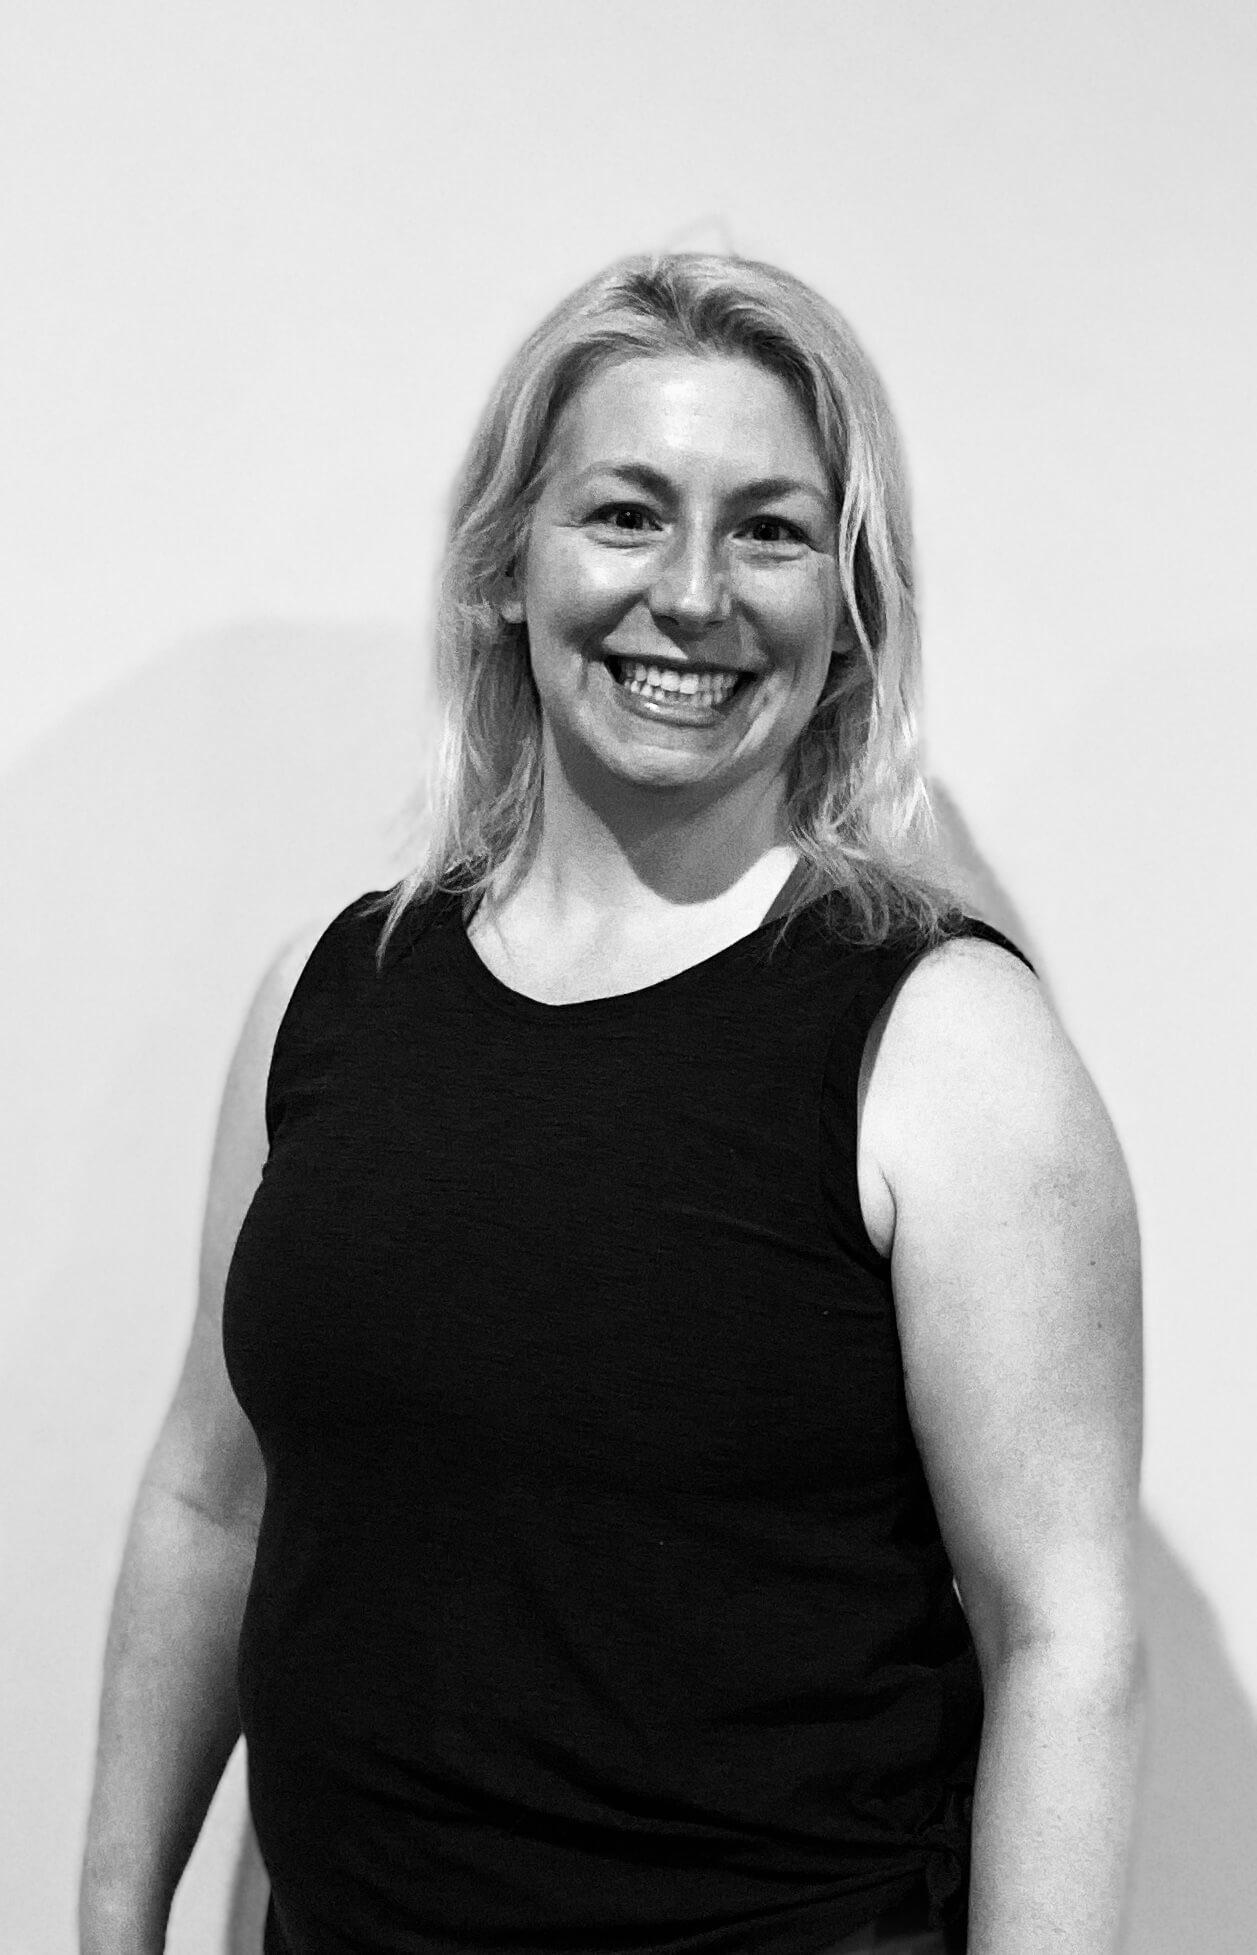 Best Yoga Studio in Conshohocken - Instructor Karen